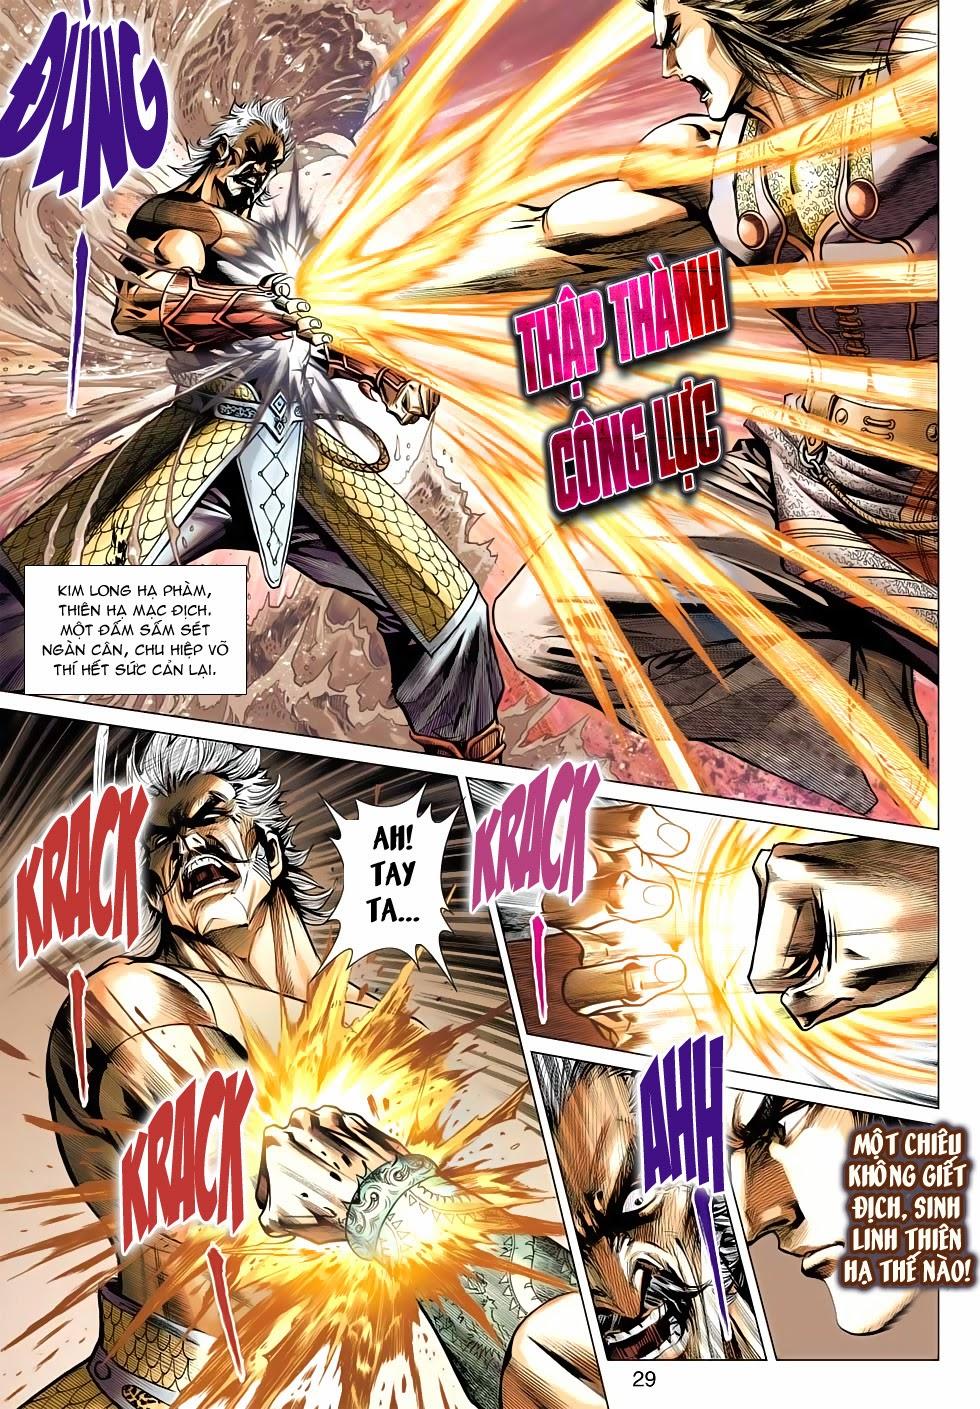 Thần Châu Kỳ Hiệp chap 32 – End Trang 29 - Mangak.info